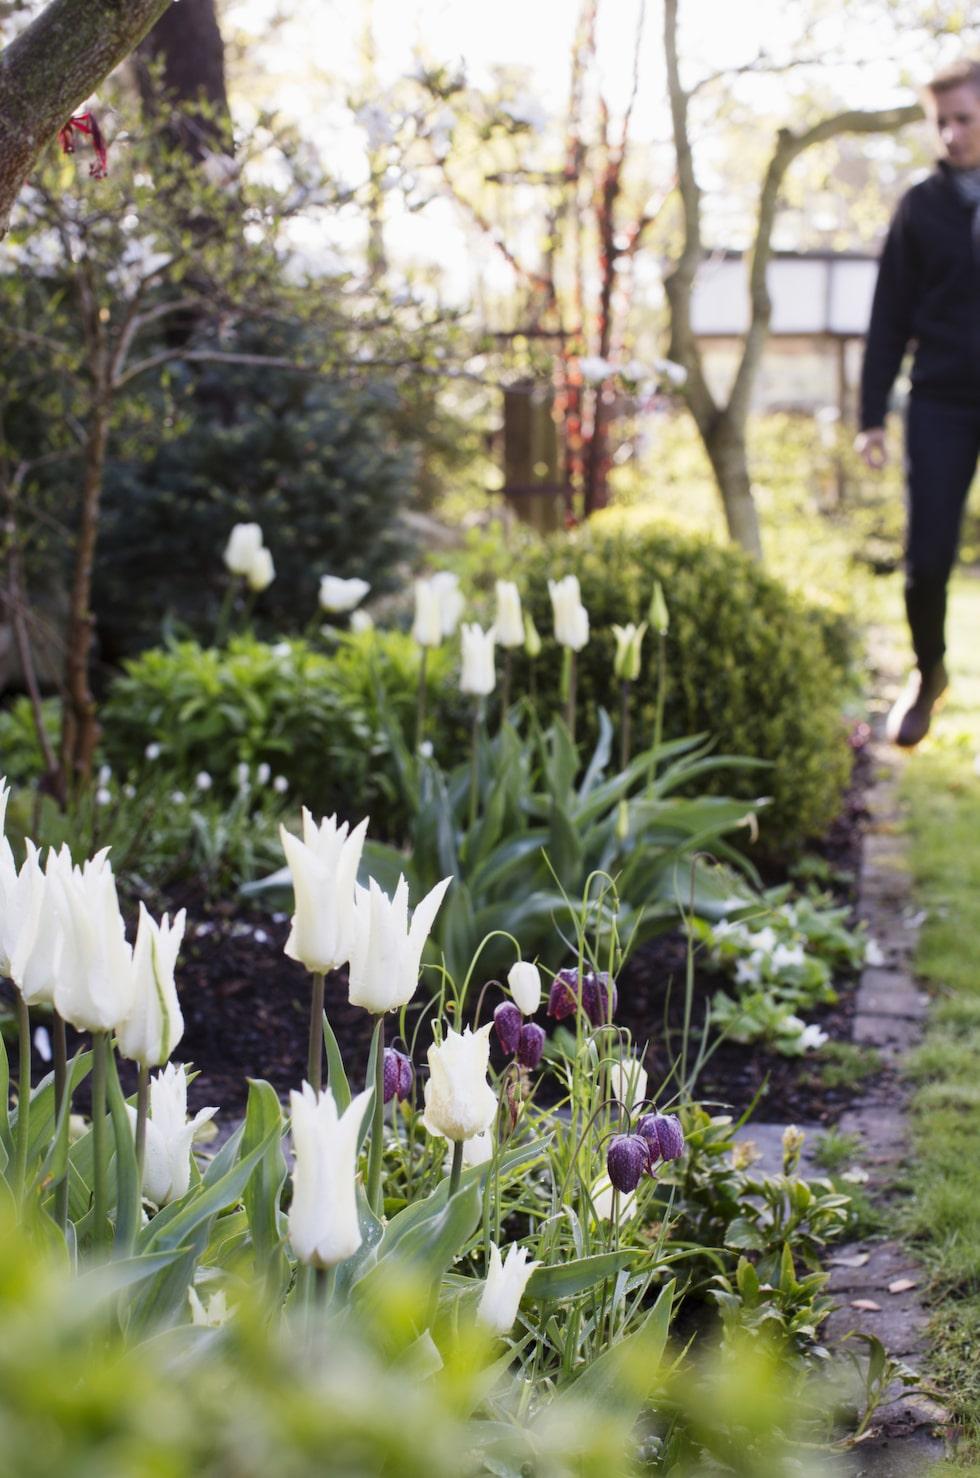 Rabatten på framsidan går mest i vitt. Här liljetulpan i kombination med kungsängslilja, som ju är både mörkröd och vit. En fin kombination!